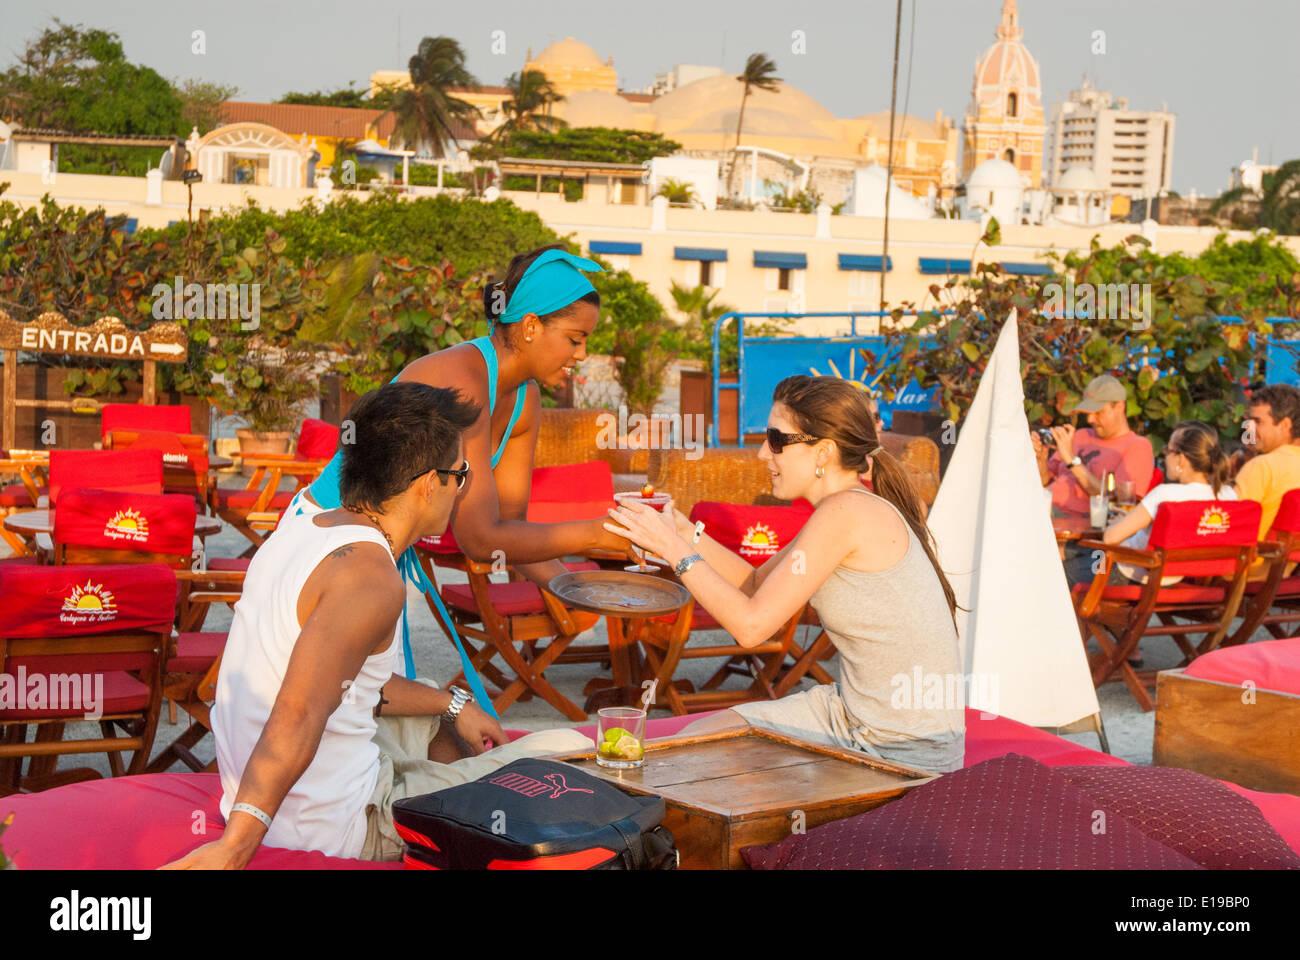 Cafe del Mar, Cartagena de Indias, Colombia - Stock Image